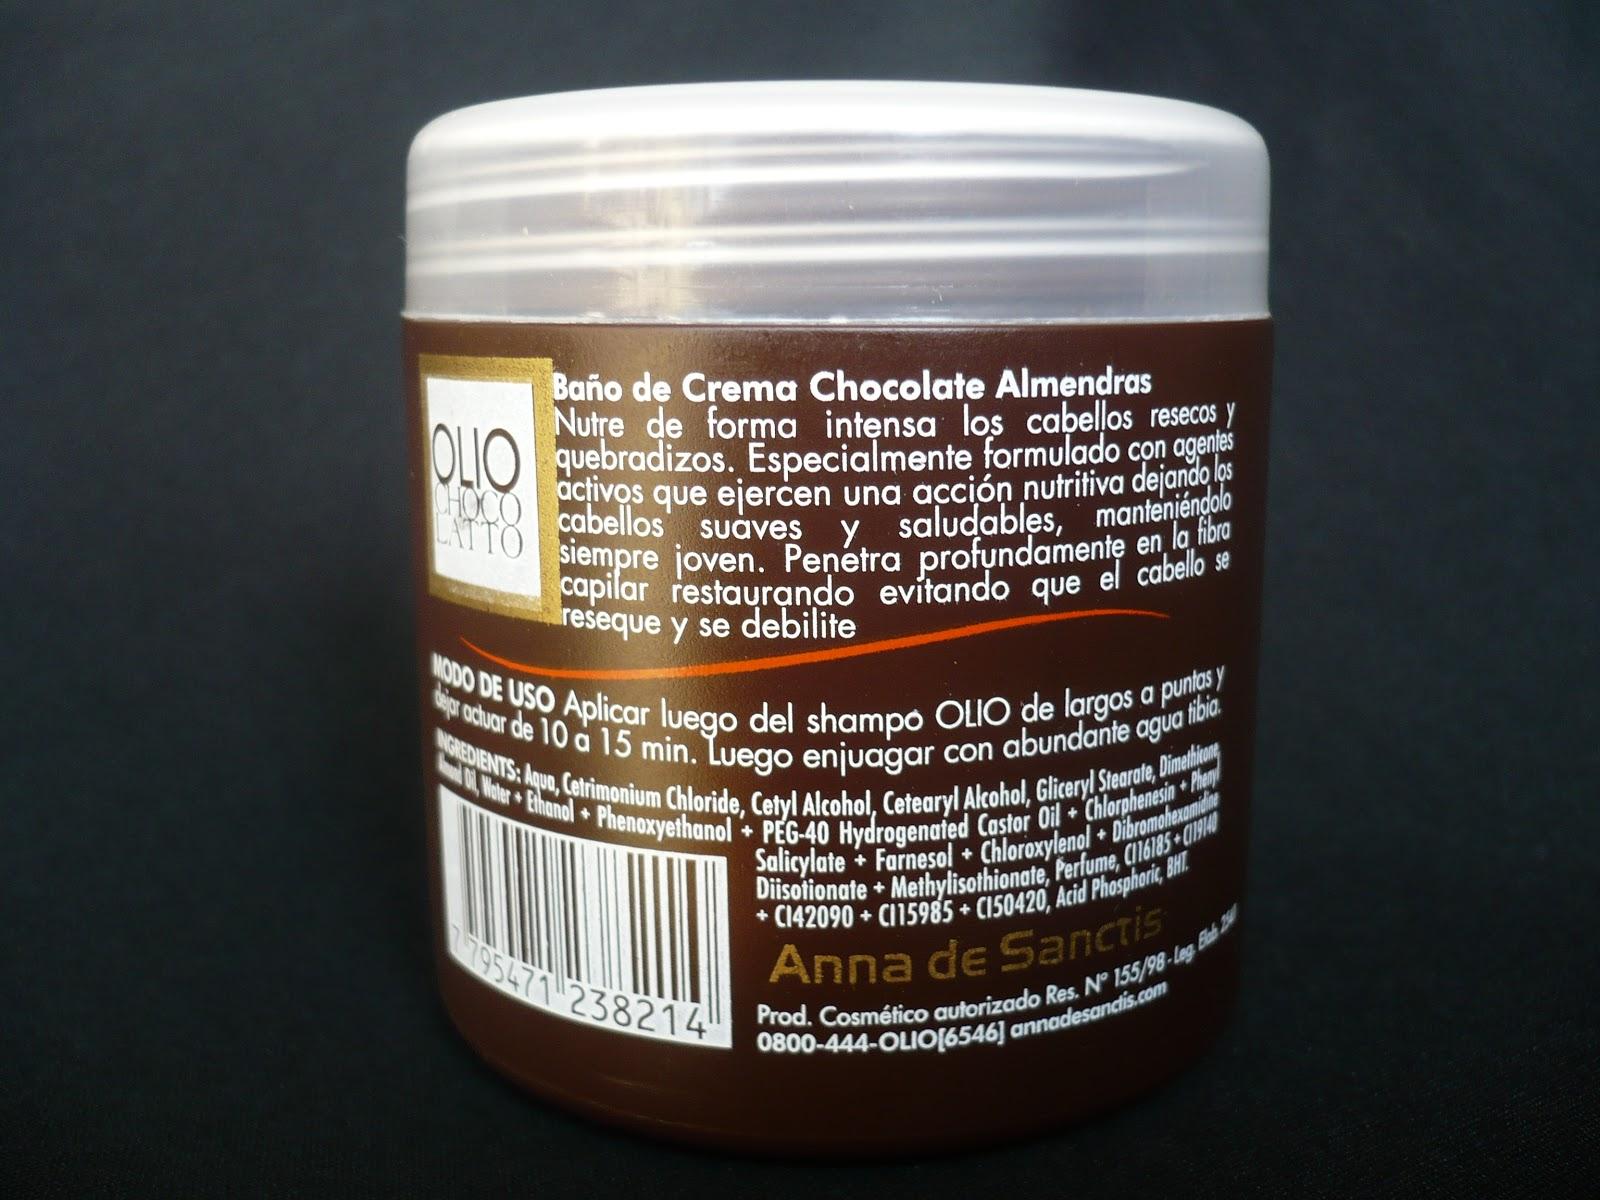 Baño de crema nutritivo, tratamiento capilar, opiniones review